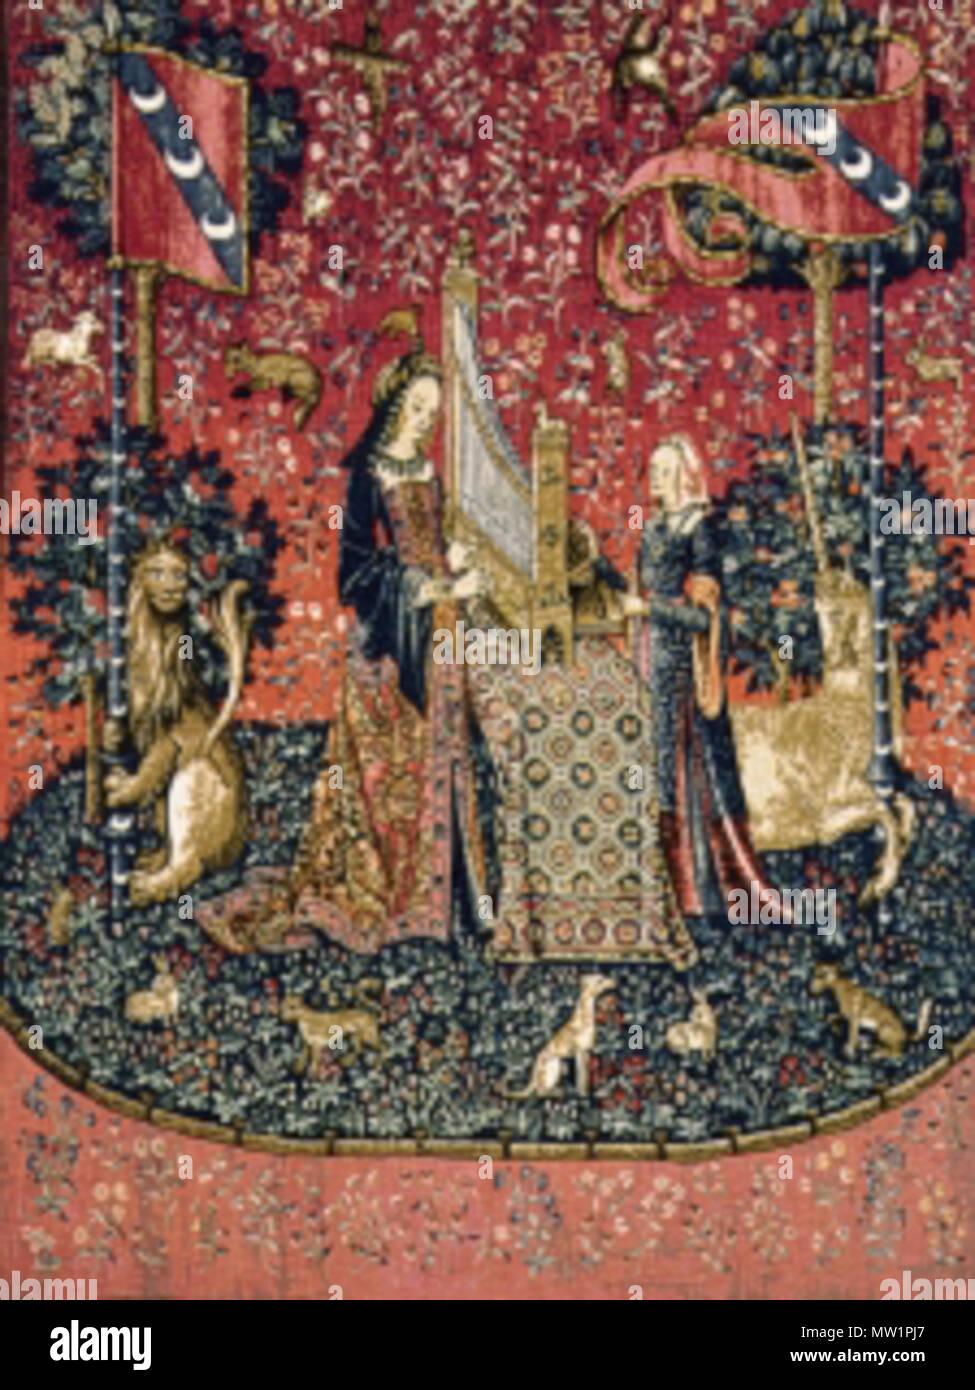 . English: The Lady and the Unicorn, Hearing, 1484 – 1500, Paris (cartons), Flanders (weaving), tapestry (wool and silk), 370 × 290 cm, National Museum of the Middle Ages, Paris. Acquired 1882 (Cl. 10833). Français: La Dame à la licorne, L'ouïe, 1484 – 1500, Paris (cartons), Flandre (tissage), tapisserie (laine et soie), 370 × 290 cm, Musée national du Moyen Âge, Paris. Acquis 1882 (Cl. 10833). Italiano: La dama e l'unicorno, L'udito, 1484 – 1500, Fiandre, arazzo (lana e seta), 370 × 290 cm, Museo nazionale del Medioevo, Parigi. Acquistato 1882 (Cl. 10833). 16 September 2006 (original upload  - Stock Image